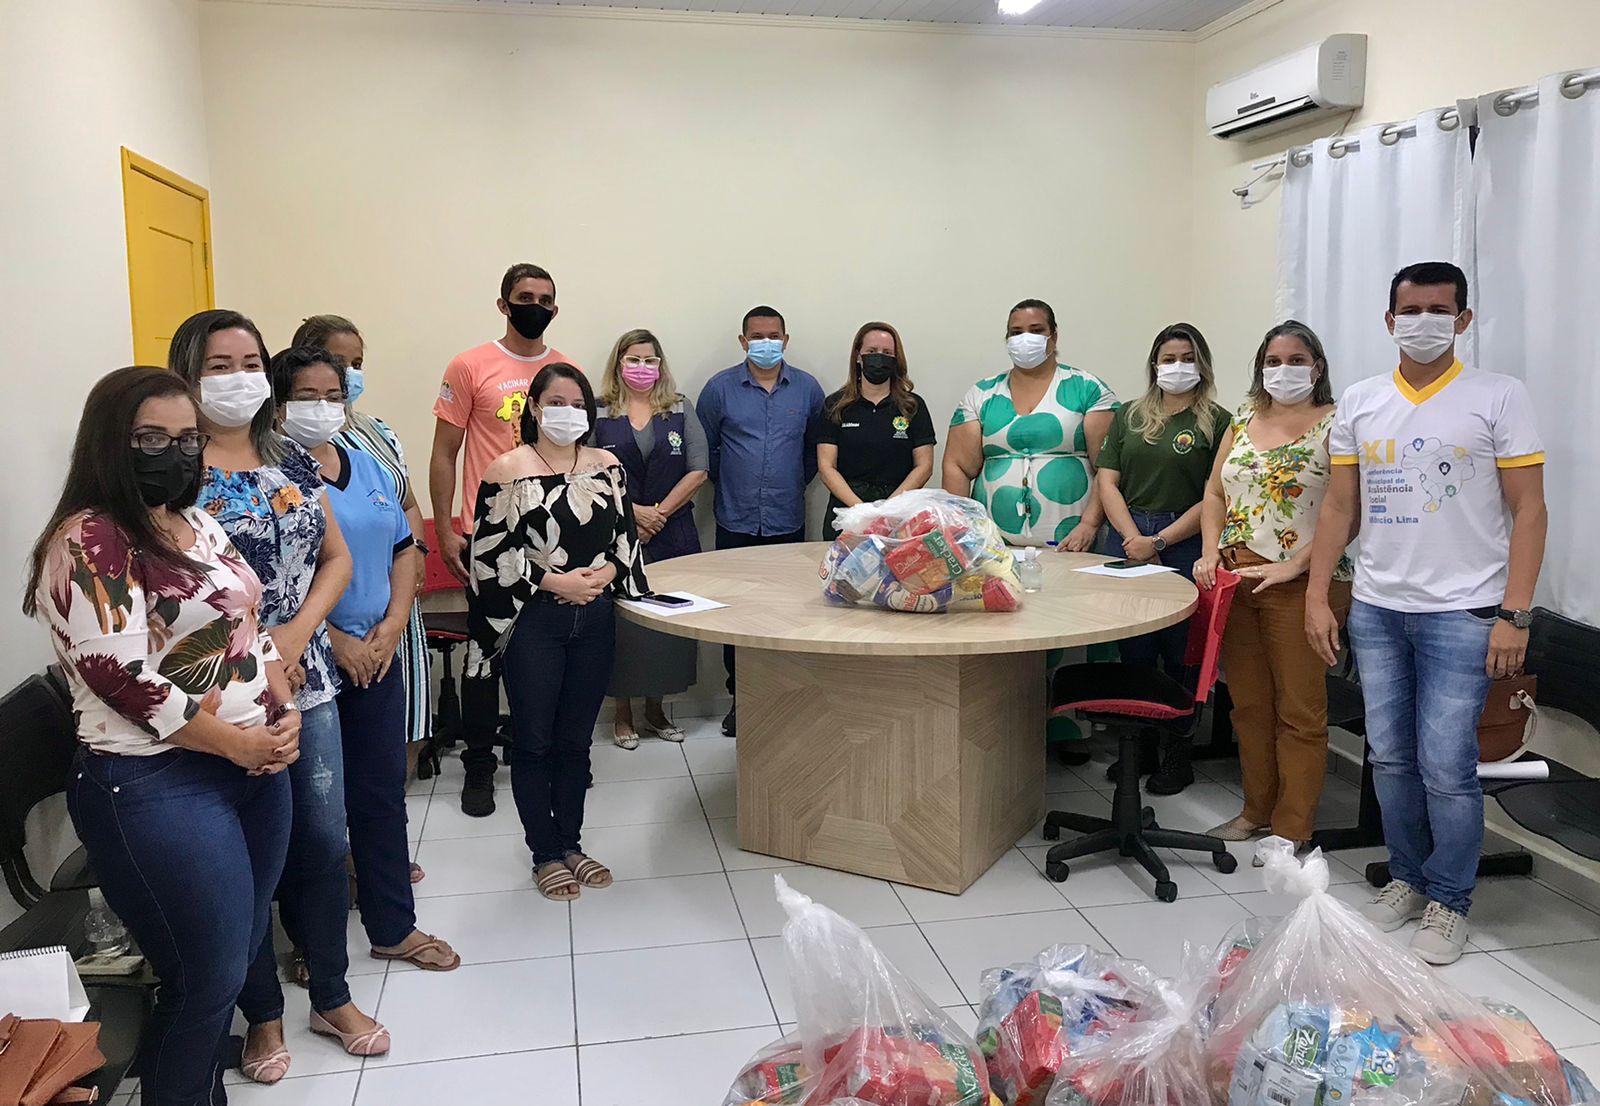 População indígena de Mâncio Lima recebe cem cestas básicas do Estado